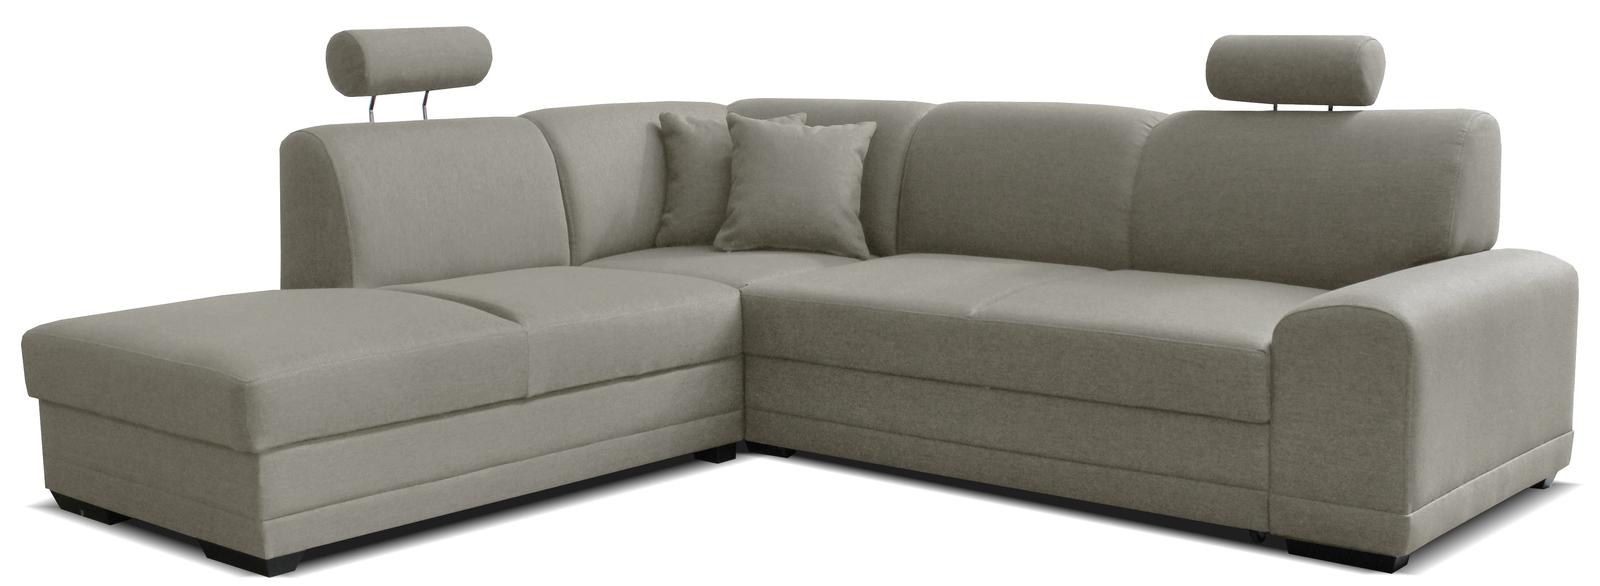 Rohová sedačka - Famm - Laon II L+2F (L) svetlosivá